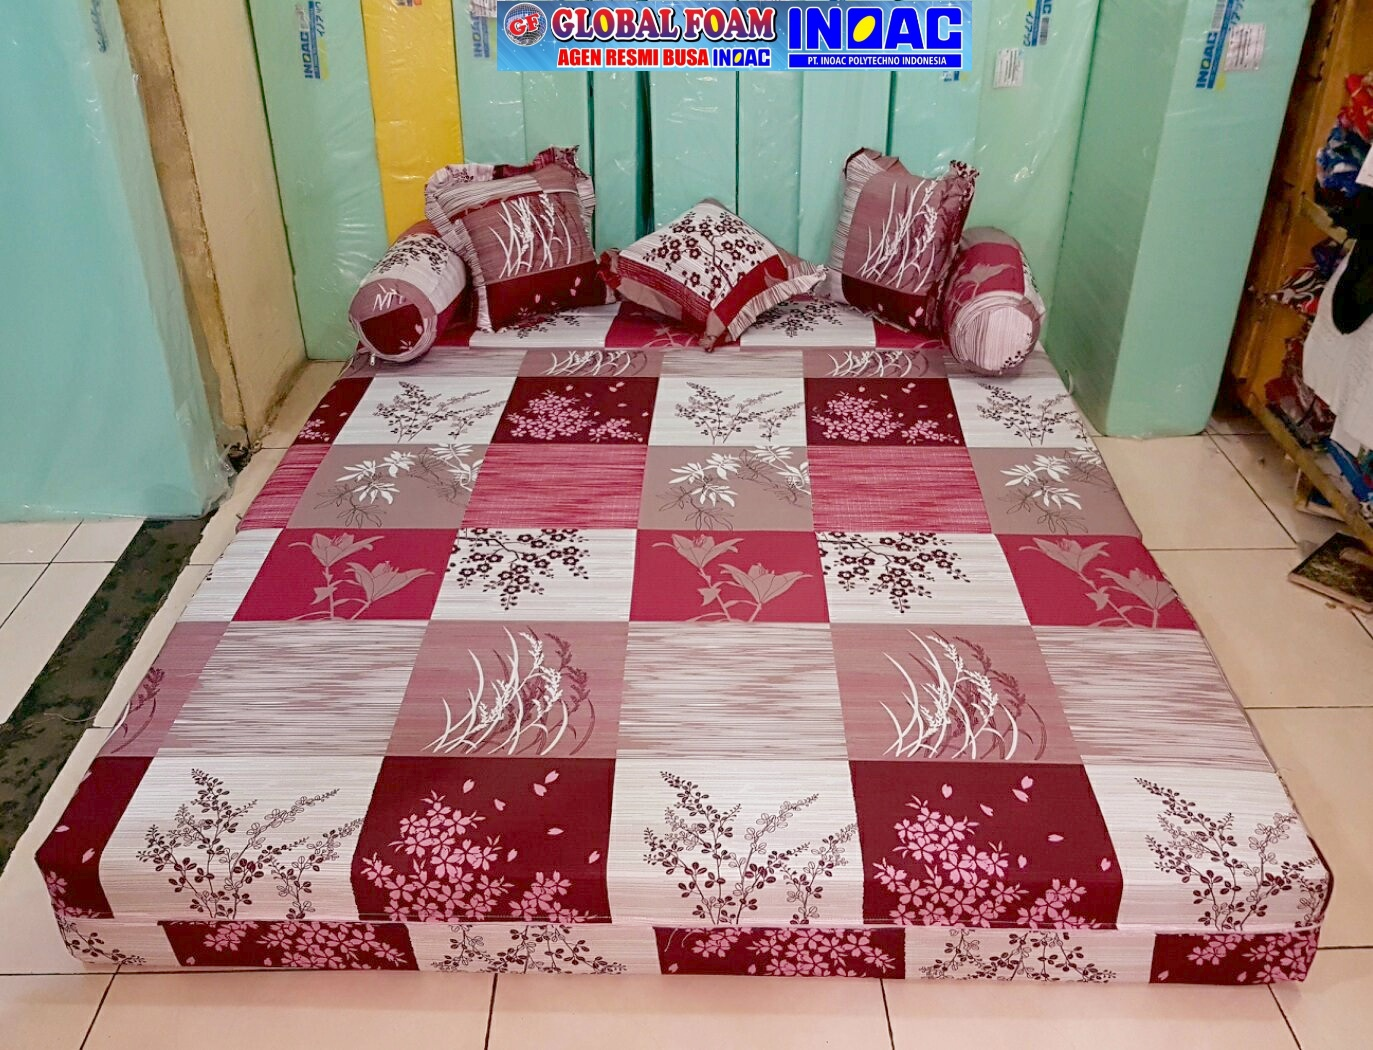 harga sofa bed inoac no 1 pillow back slipcover kasur 2018 distributor busa asli global